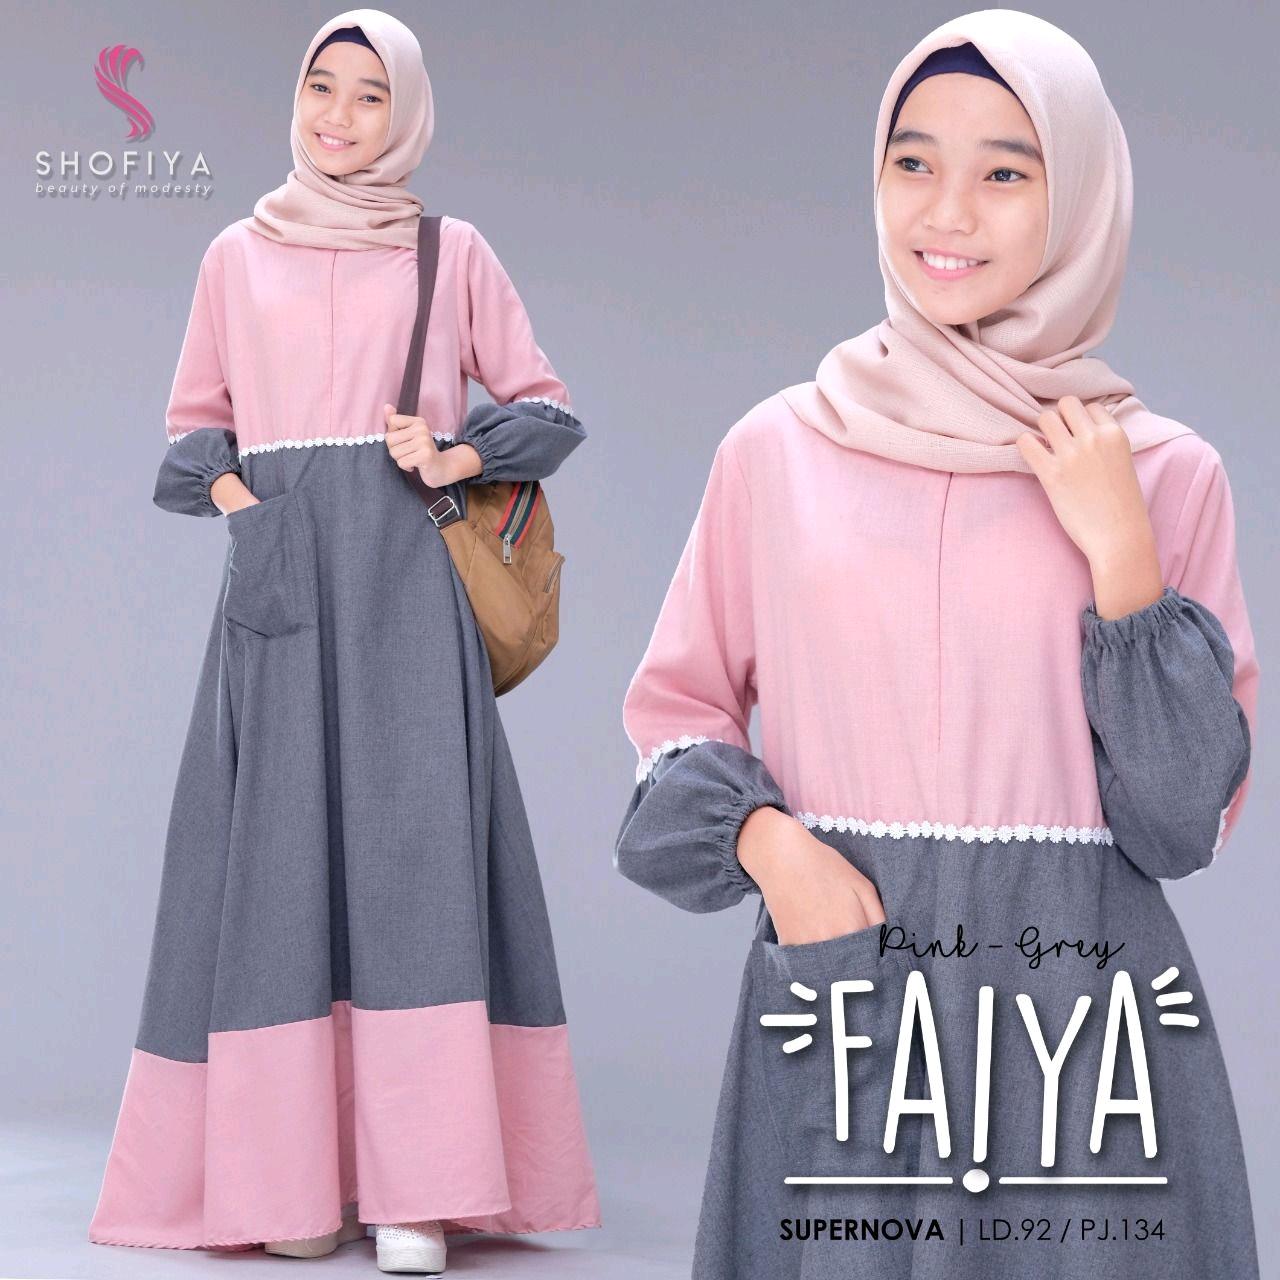 Je Faiya Dress Bahan Supernova Gamis Remaja Modern Gamis Remaja Kekinian Gamis Remaja Murah Bagus Dress Panjang Wanita Gamis Terbaru 2020 Modern Gamis Remaja Tanggung Lazada Indonesia